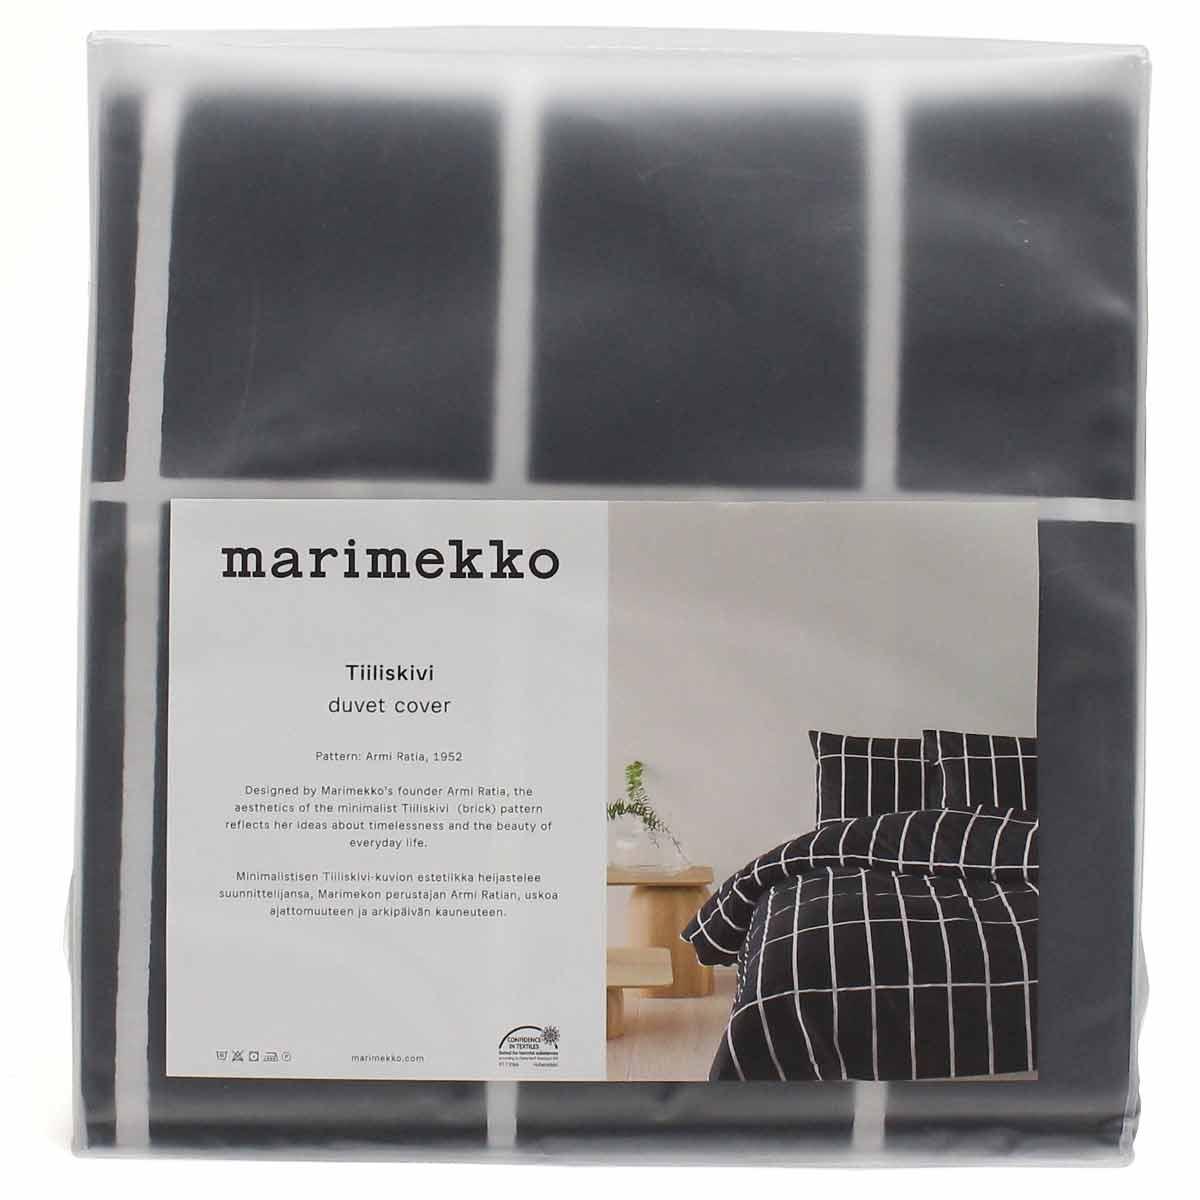 マリメッコ marimekko TIILISKIVI 掛け布団カバー 67583 掛け布団カバー 910 ブラック、ホワイト系【布団カバー】